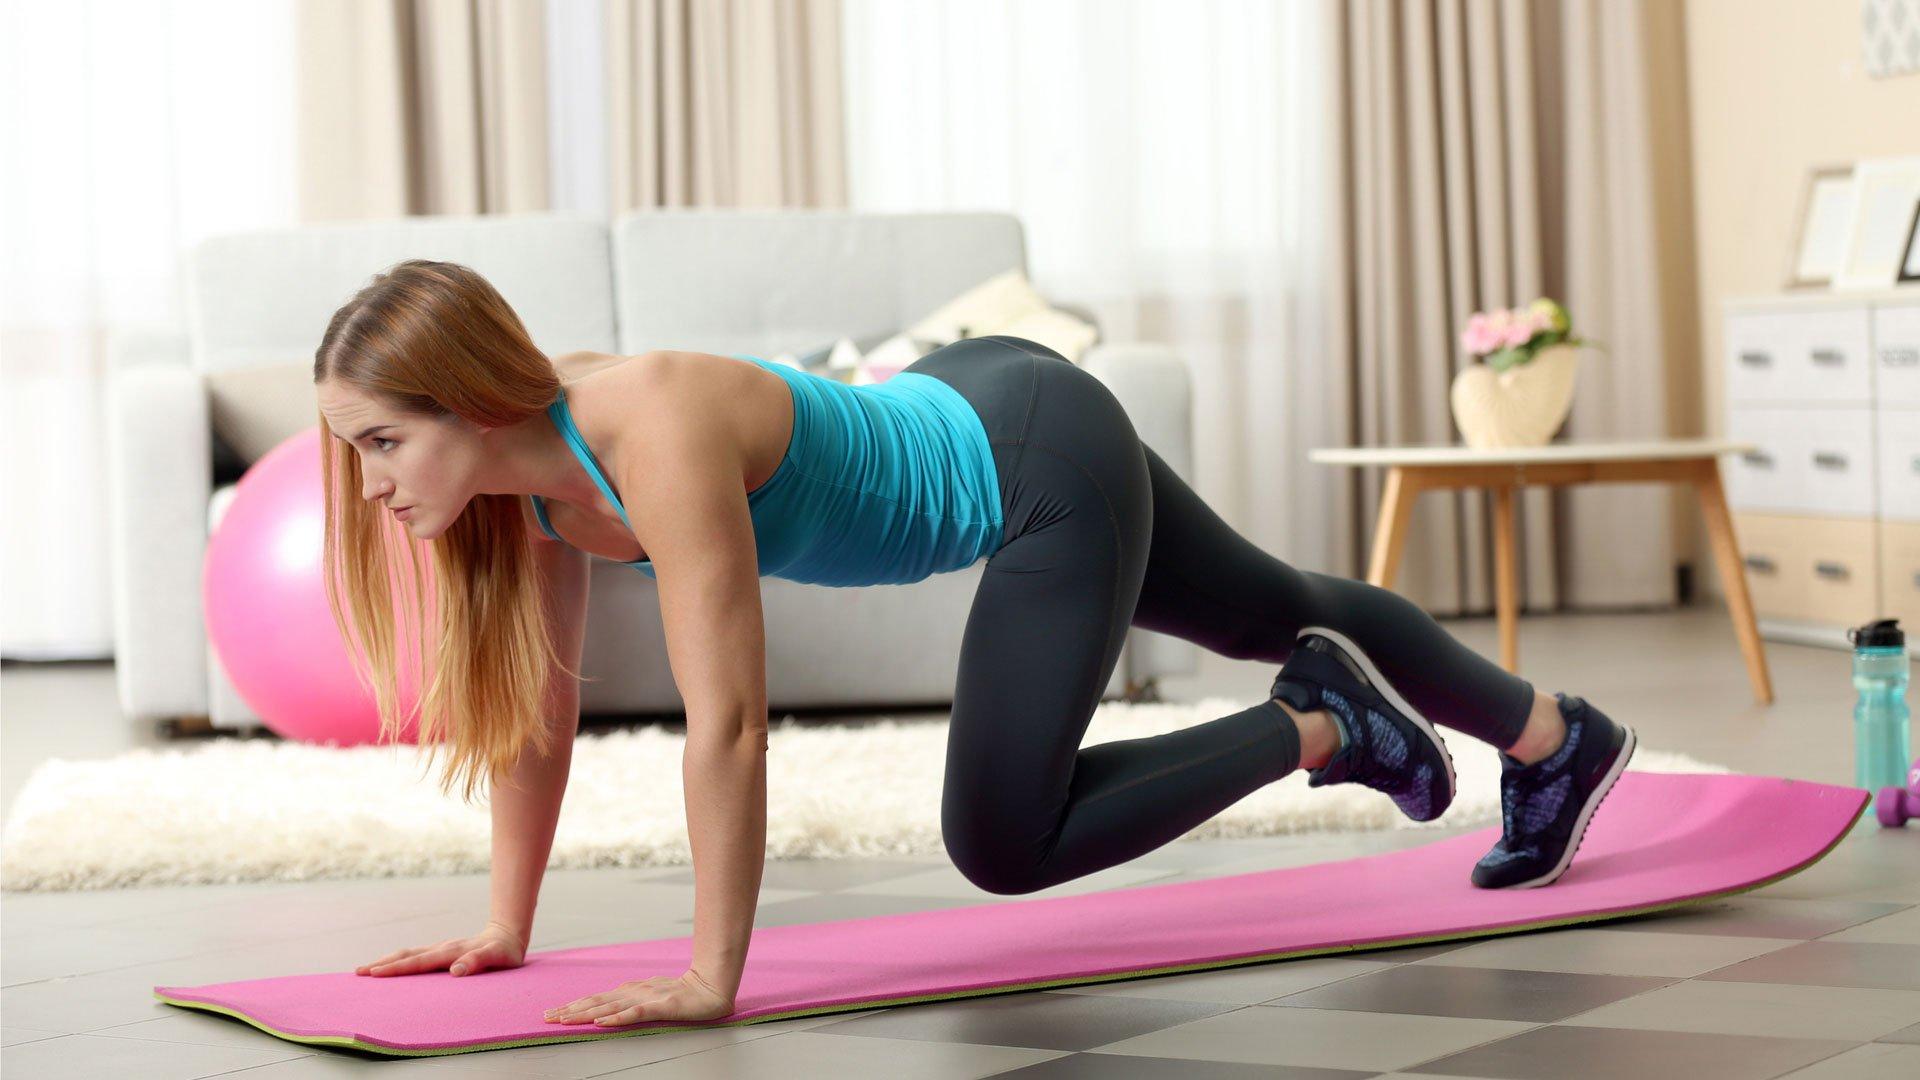 exercitii cand nu ajungi la sala